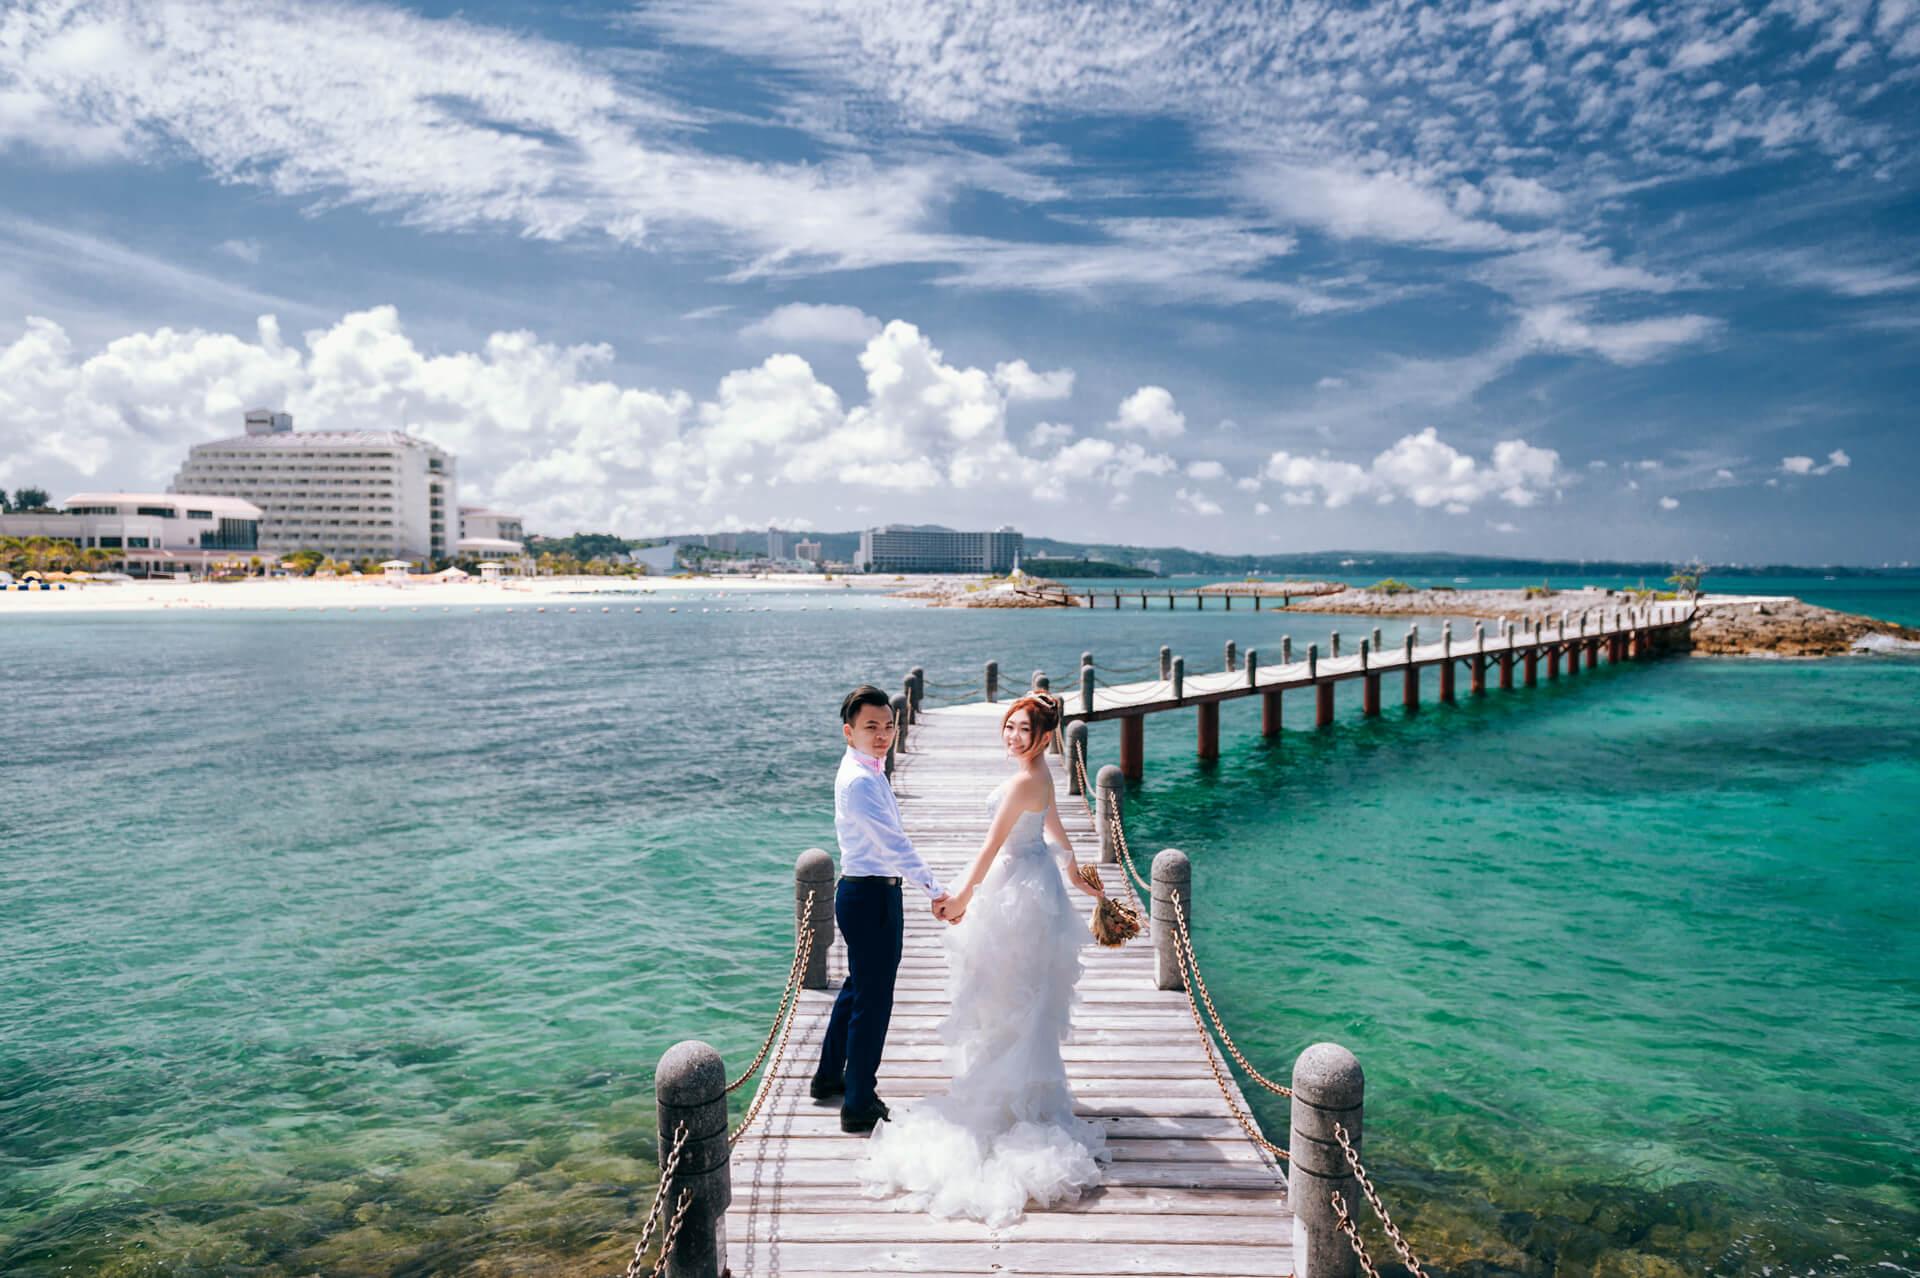 《海外婚紗側錄》小周 & 歆恬 / 沖繩 Okinawa